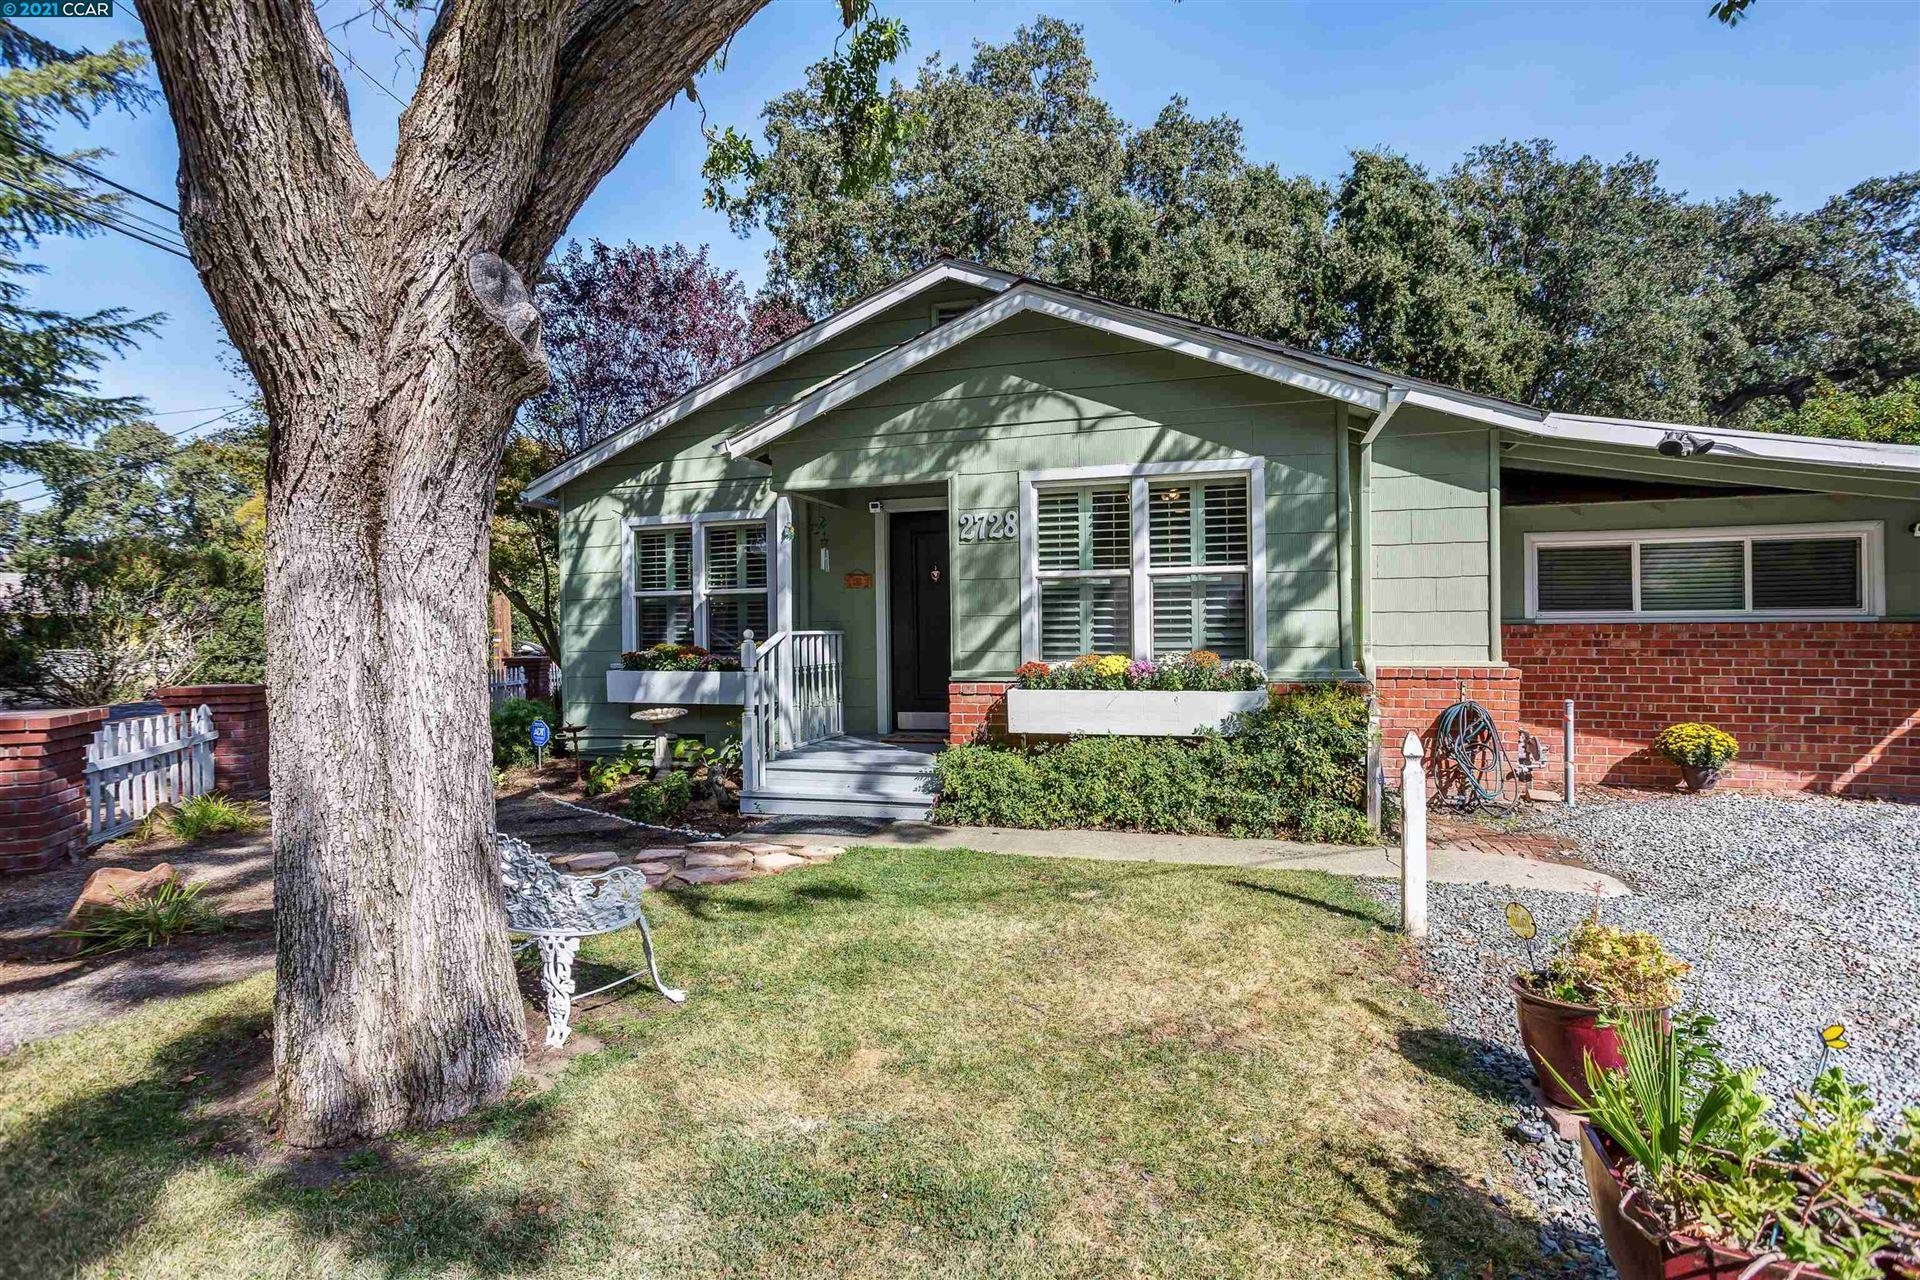 Photo of 2728 Cherry Ln, WALNUT CREEK, CA 94597 (MLS # 40968646)